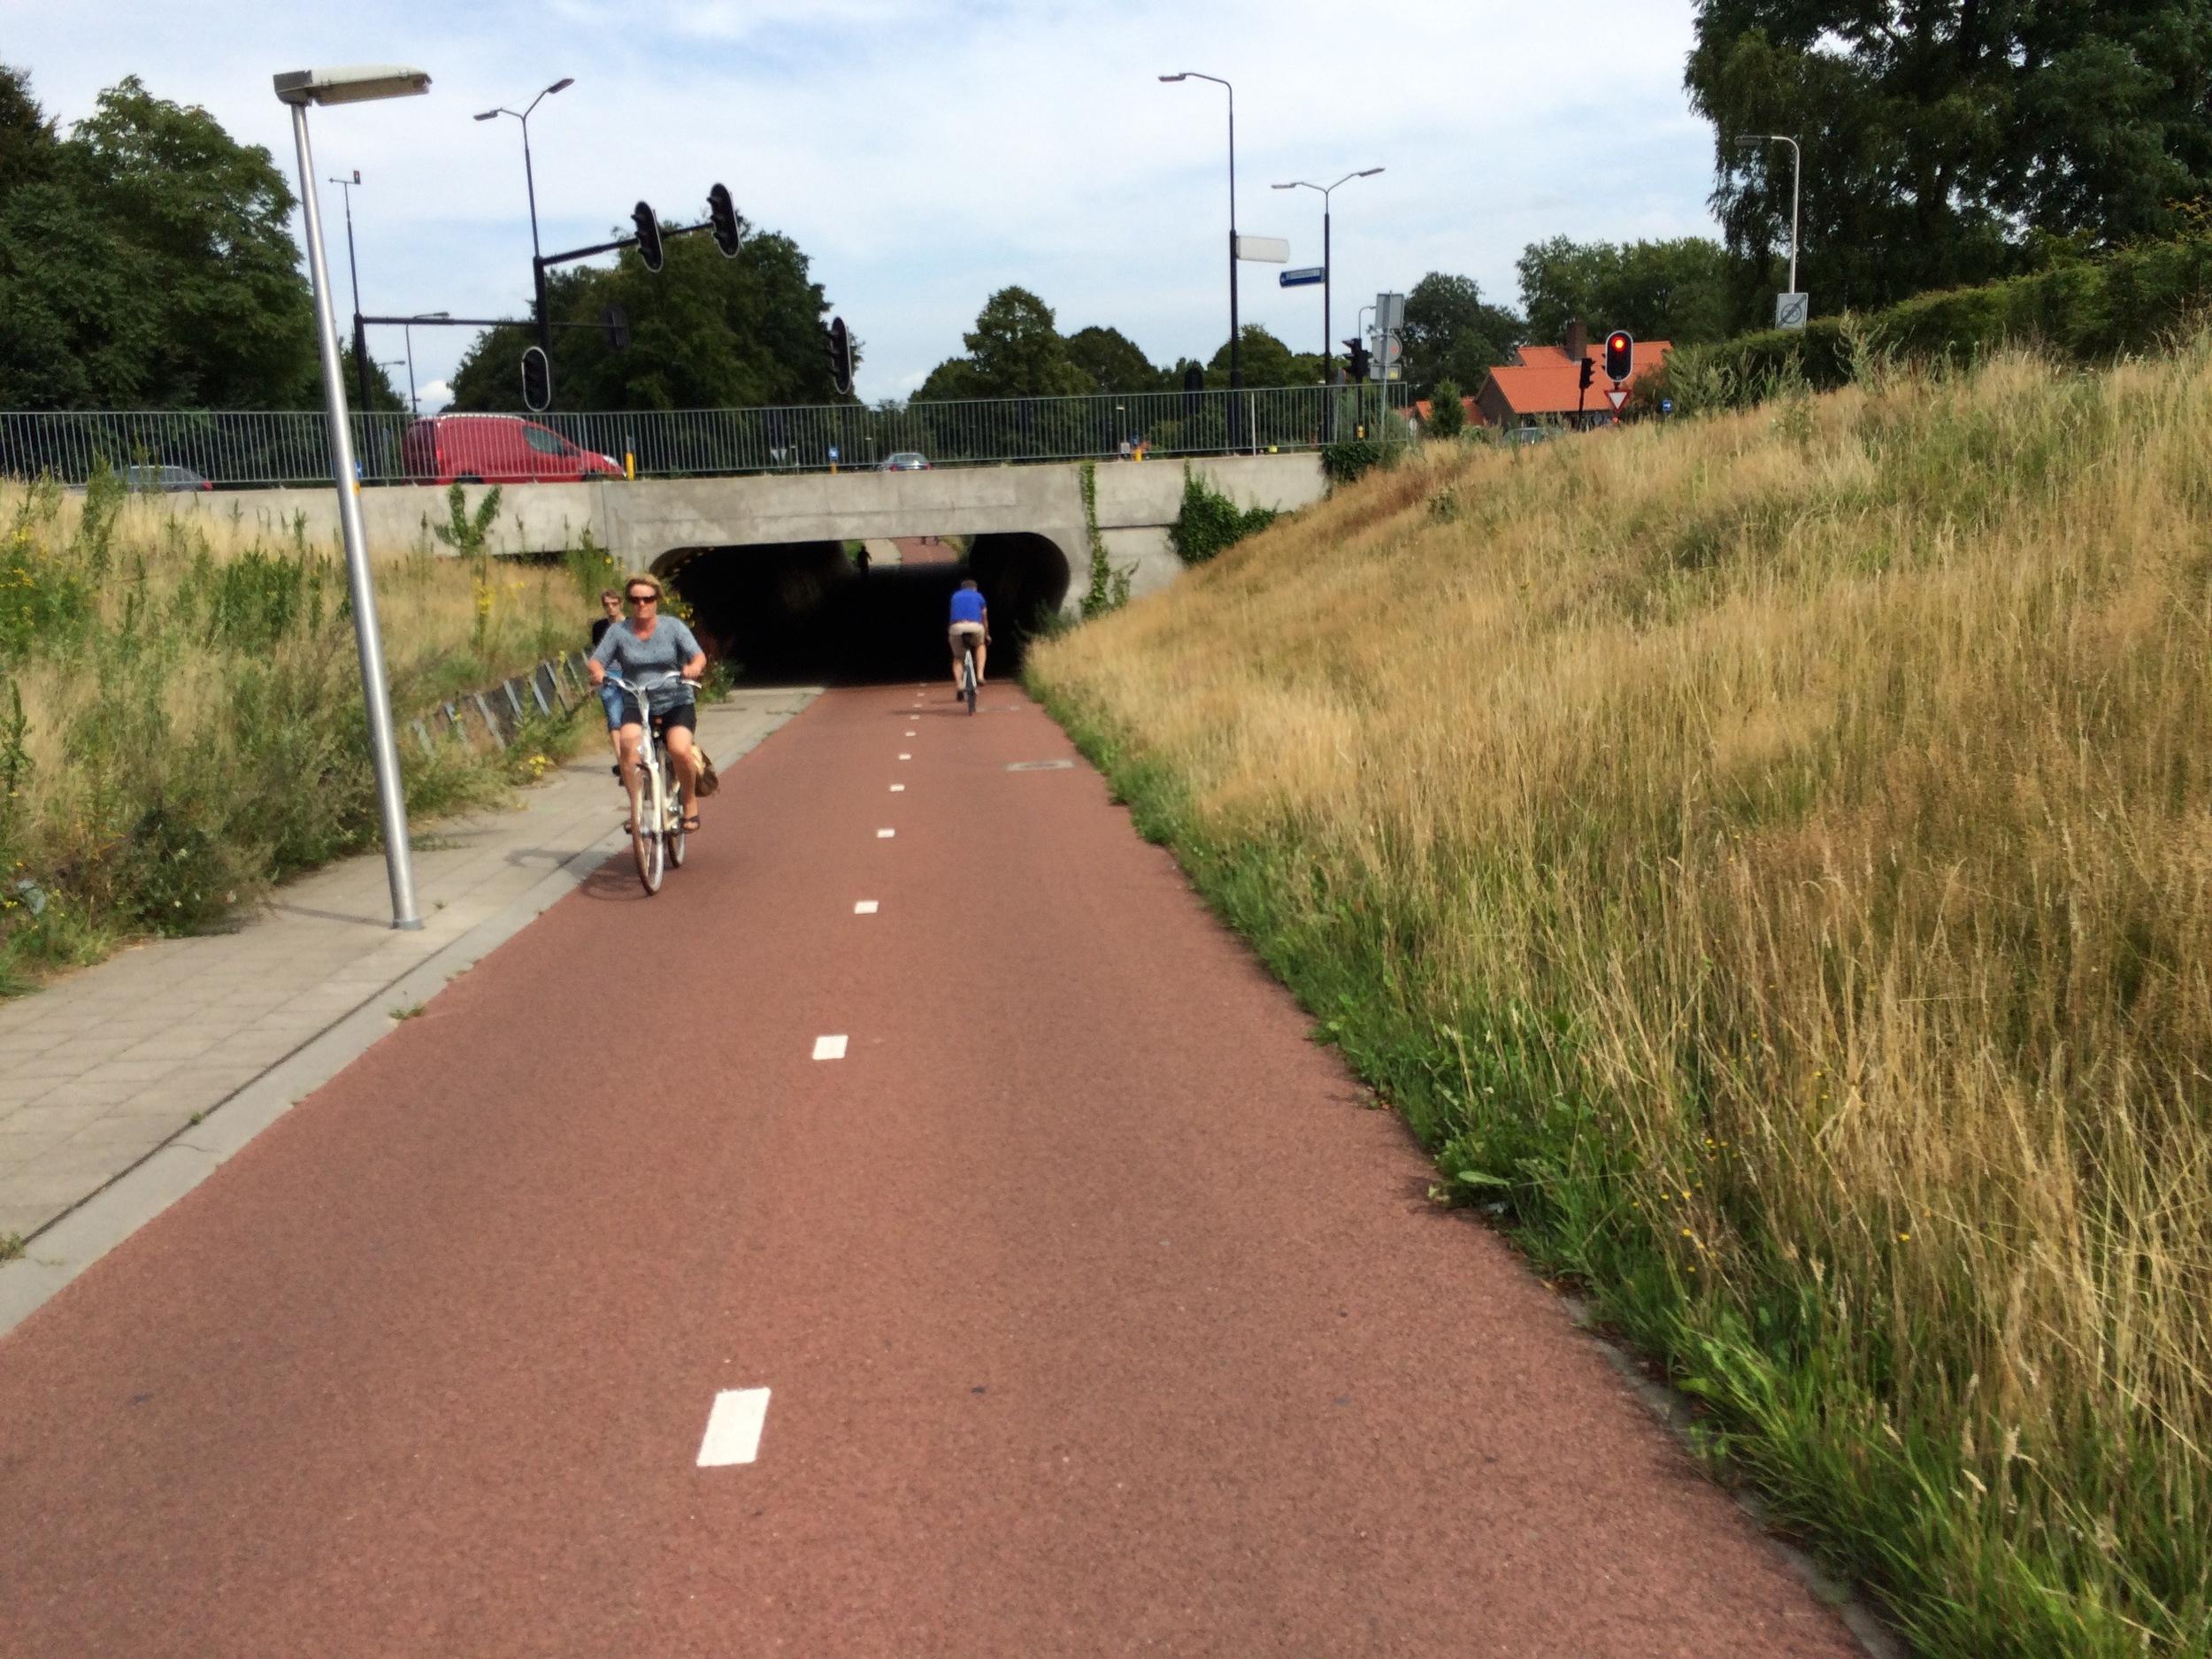 Bike underpass, Deventer, Netherlands